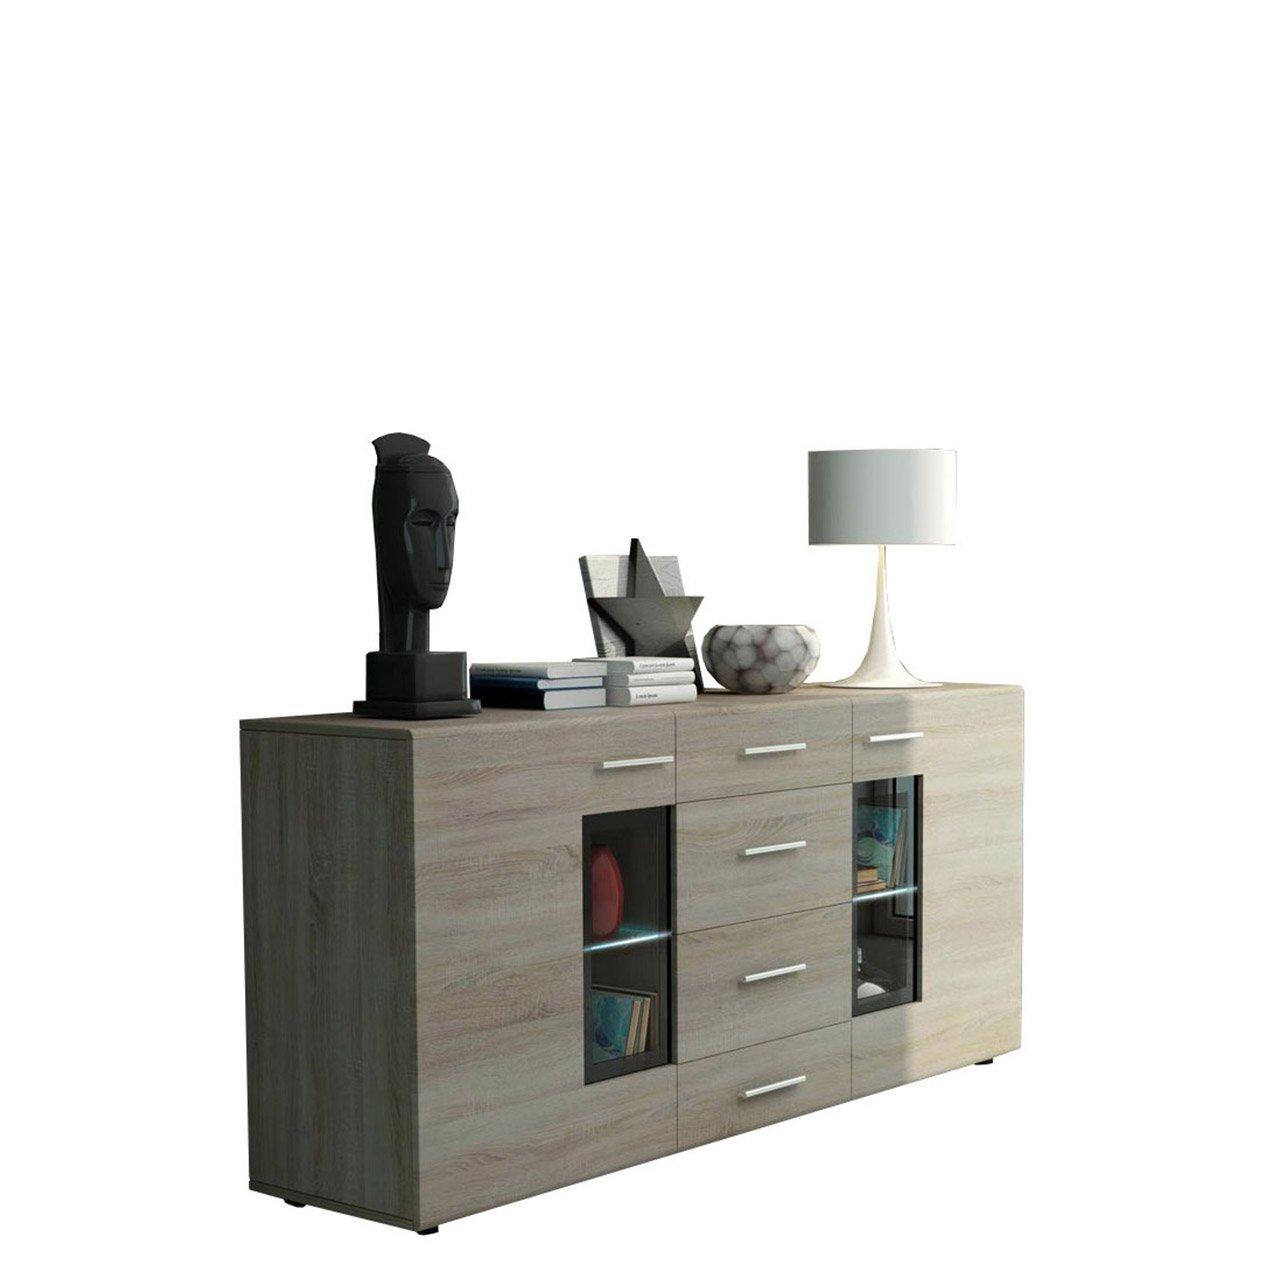 Mirjan24  Kommode Twist Anrichte Highboard Sideboard Schrank Naturtöne Mehrzweckschrank Wohnzimmerschrank, Anrichte (mit weißer LED Beleuchtung, Sonoma Eiche)